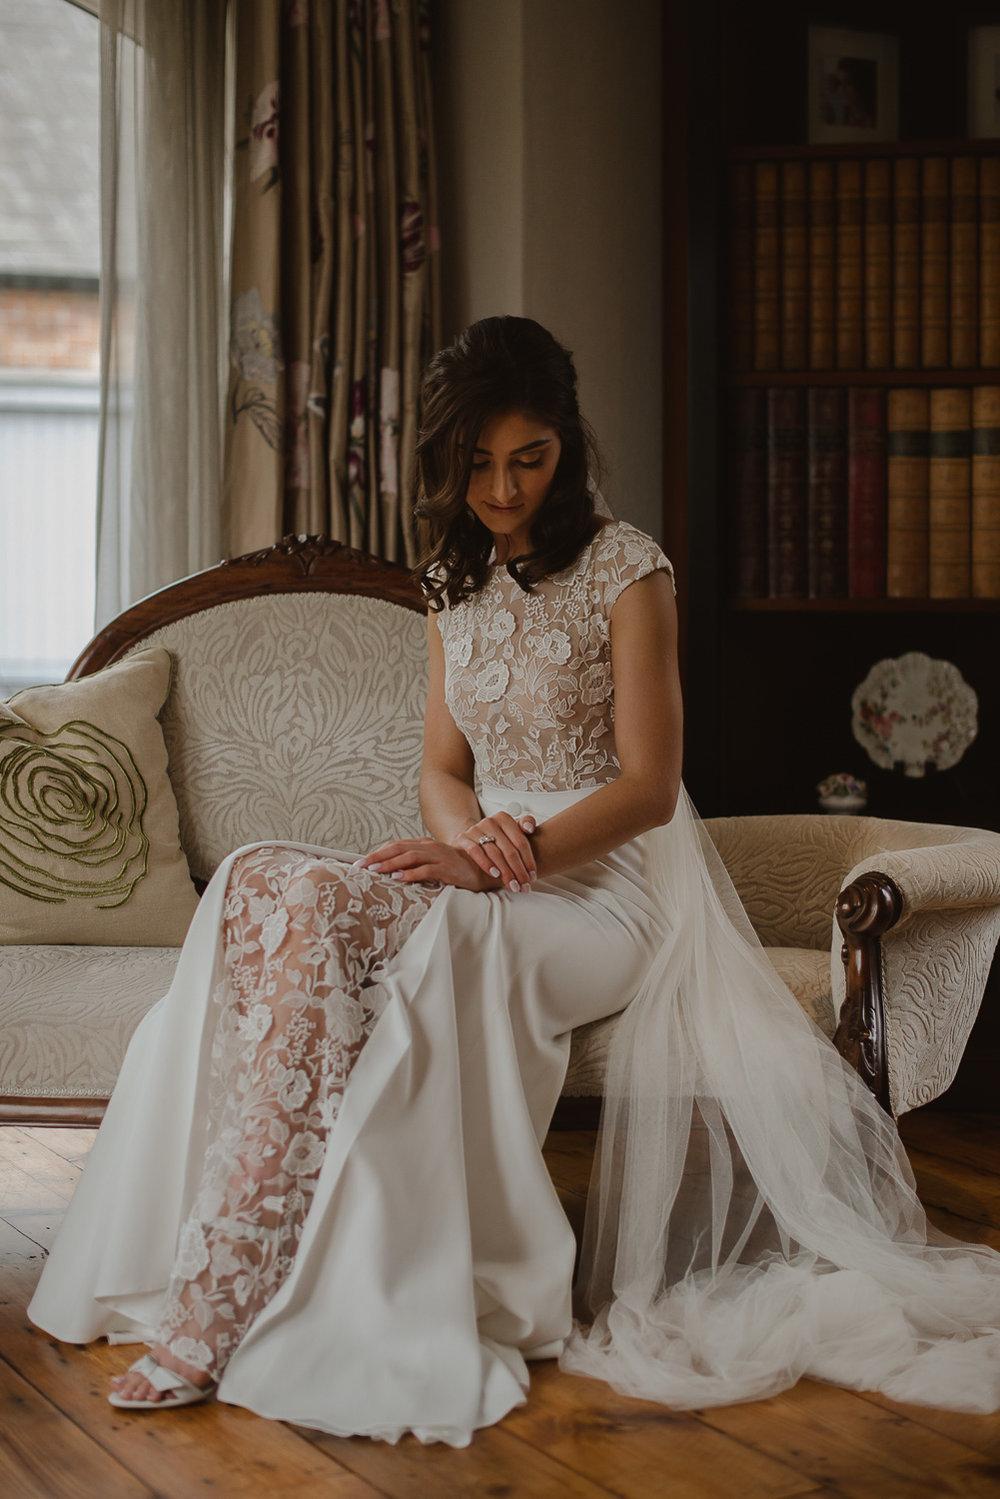 Rime-arodaky-wedding-dress-34.jpg